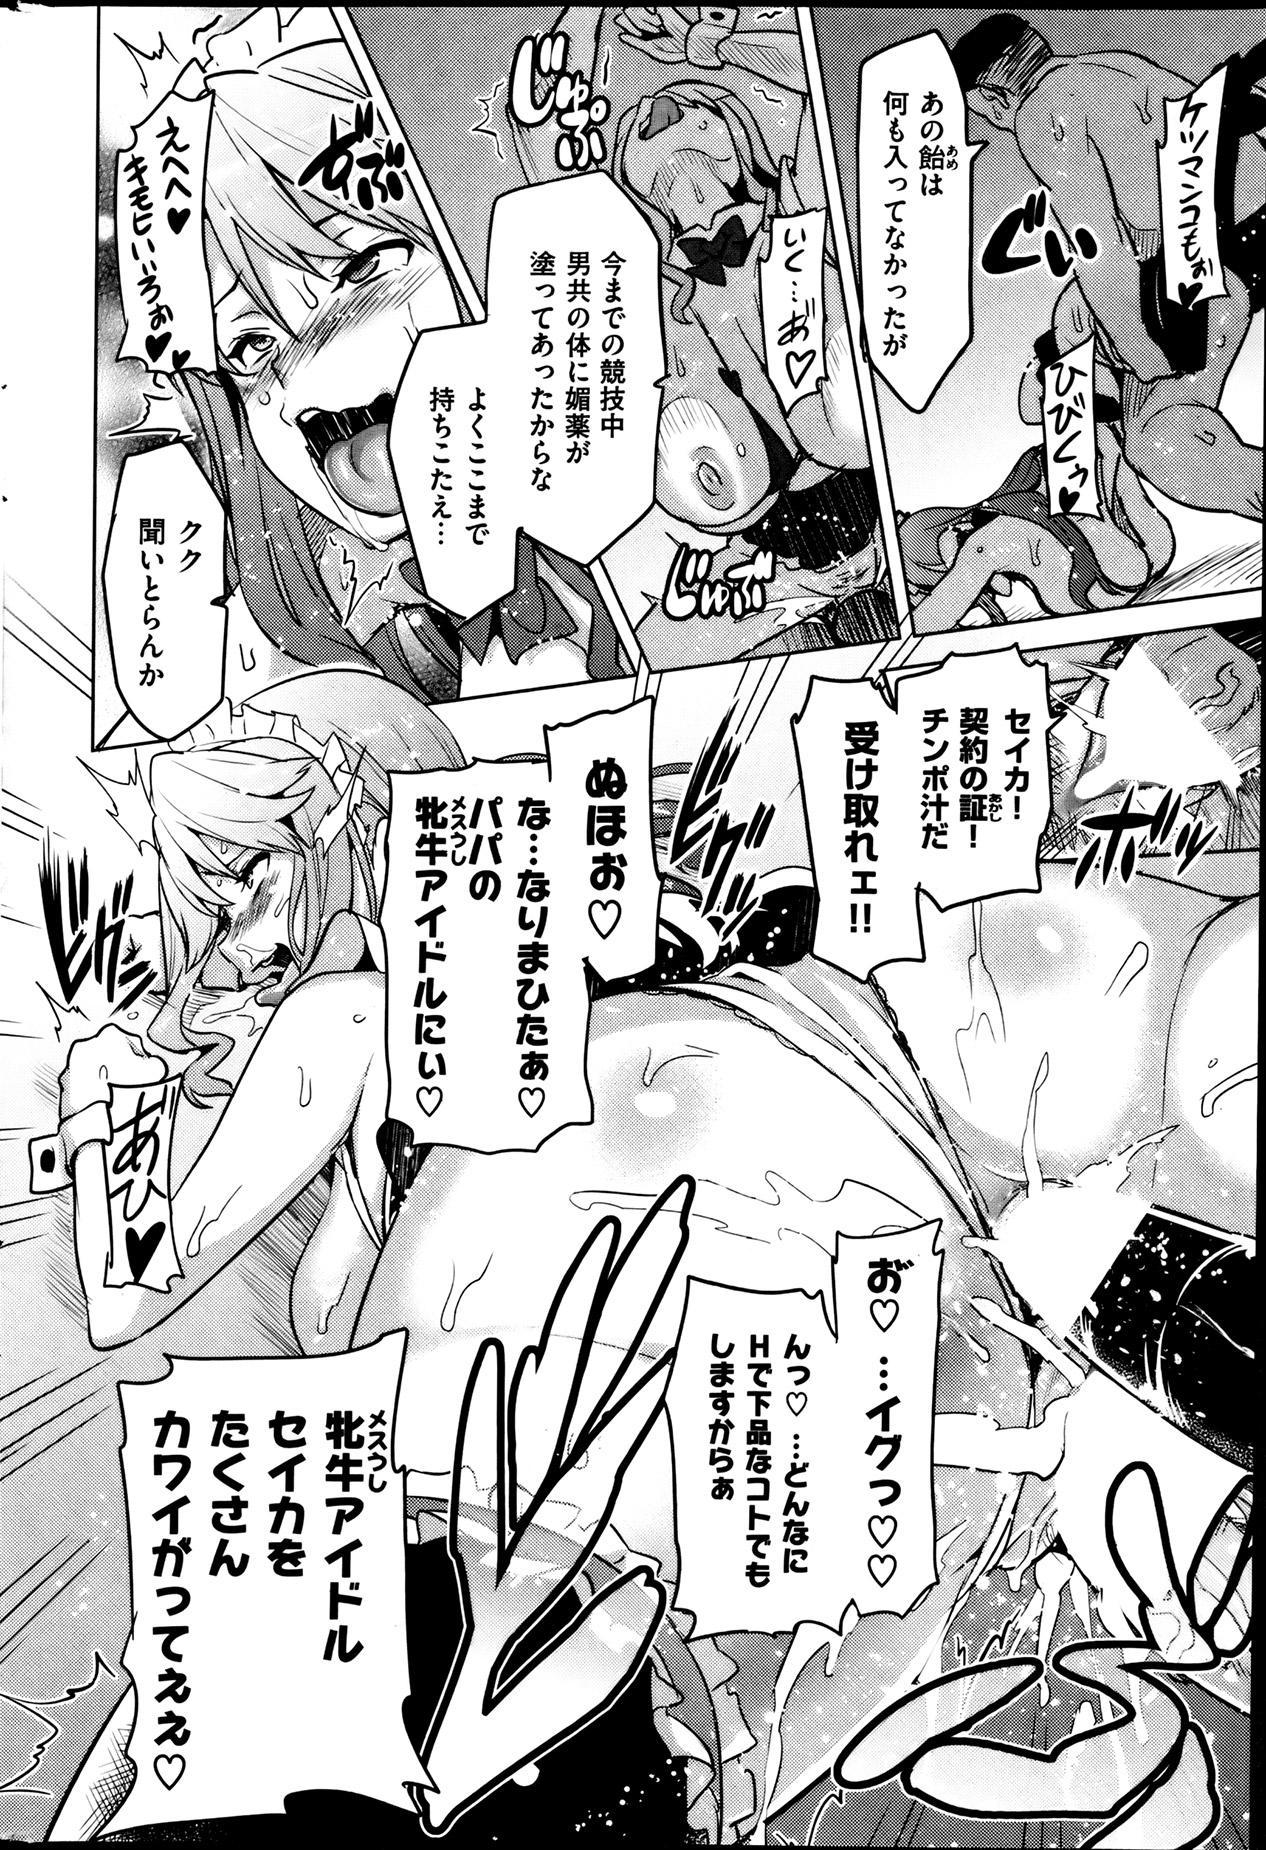 COMIC HANA-MAN 2013-08 Takeda Hiromitsu Tokushuu 215